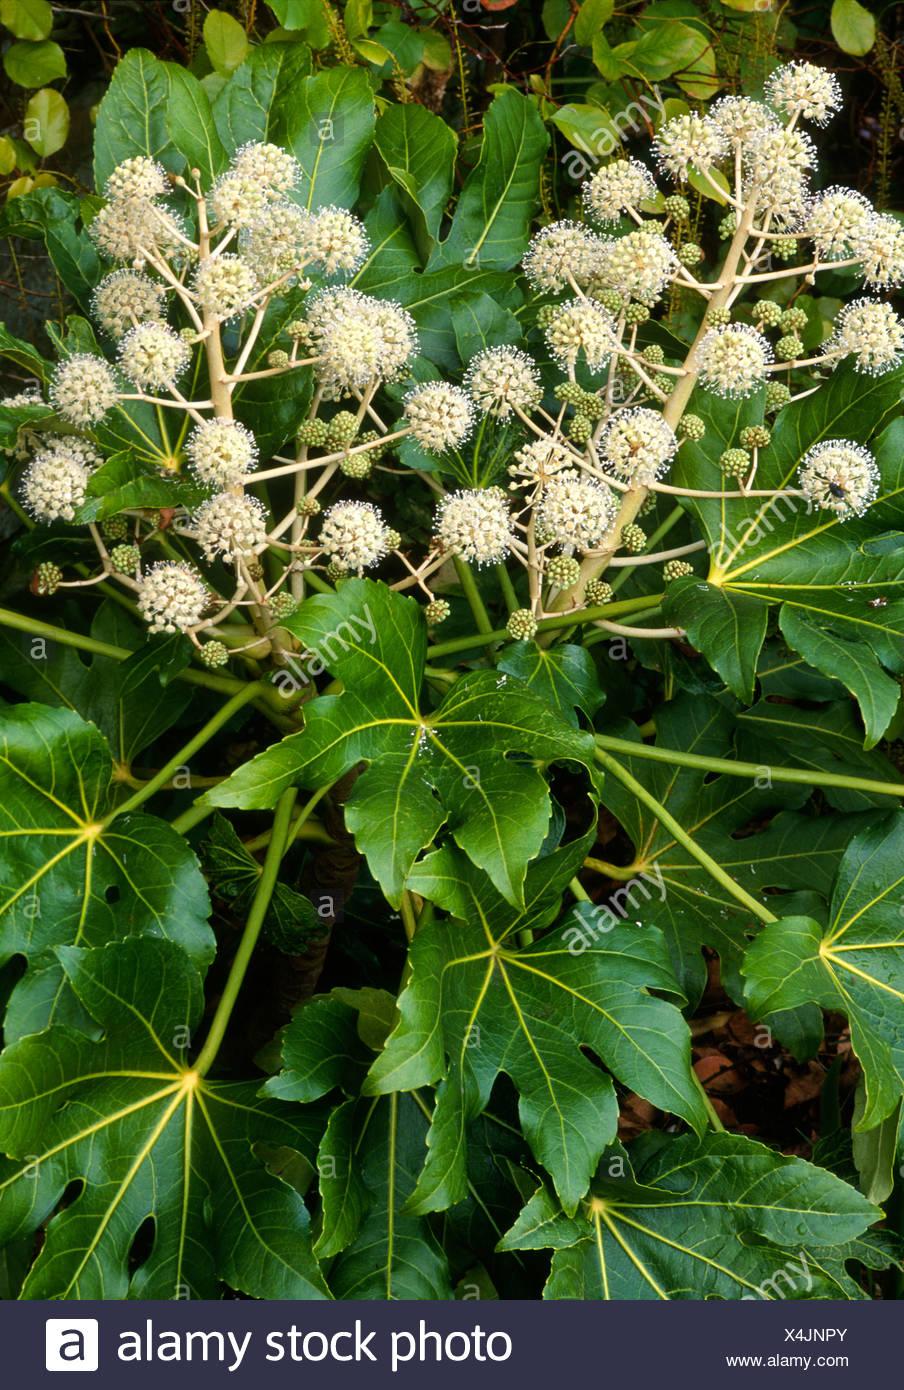 Fatsia japonica aralia agm japonica aralias giapponese for Immagini fiori autunnali